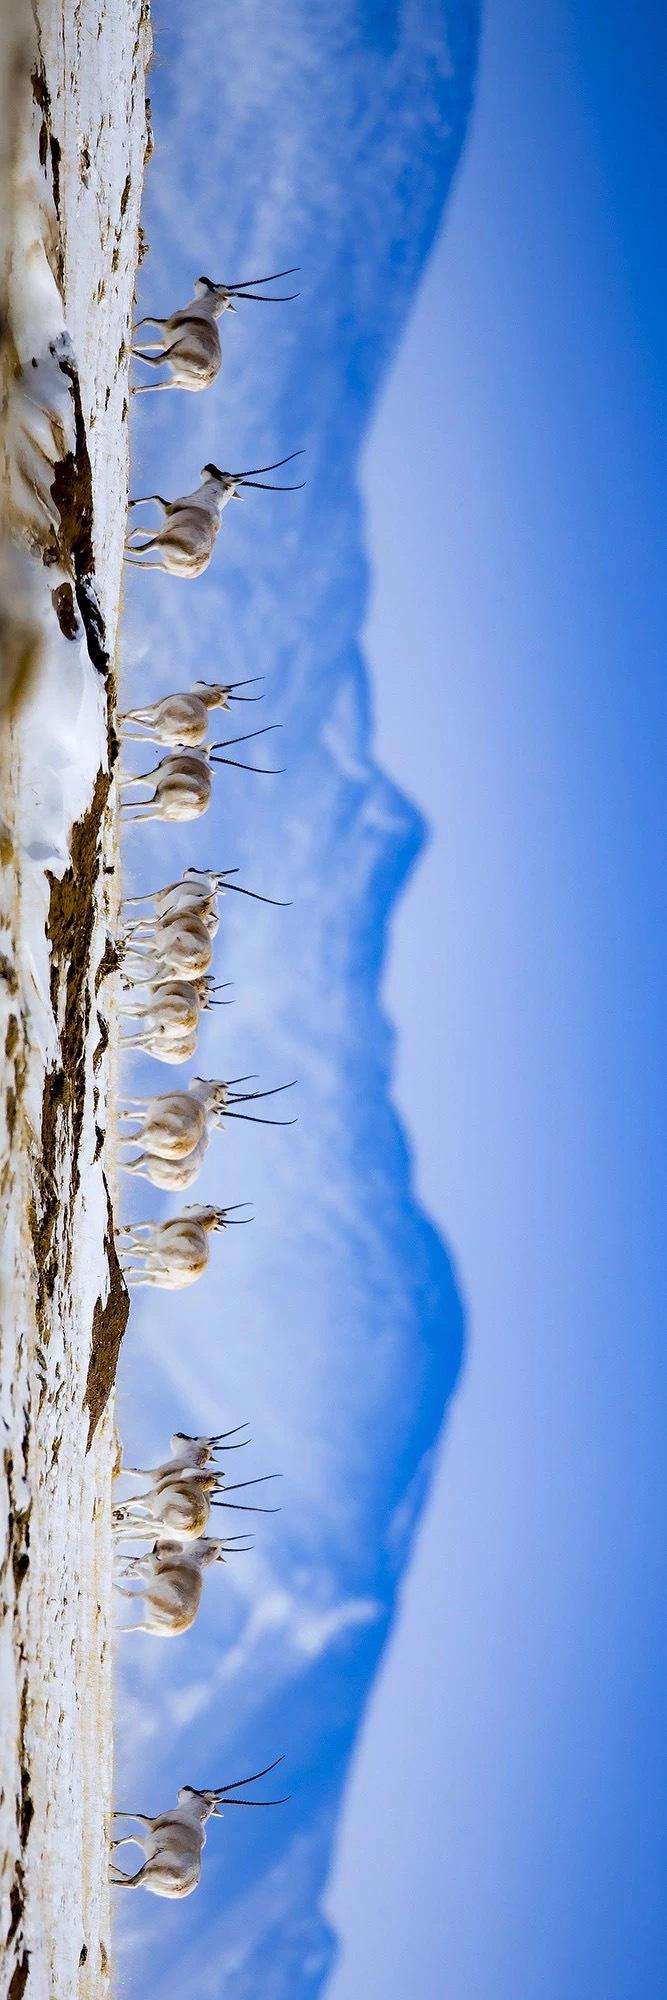 可可西里,是人类生命的禁区,却是野牦牛、藏羚羊的自由天堂。